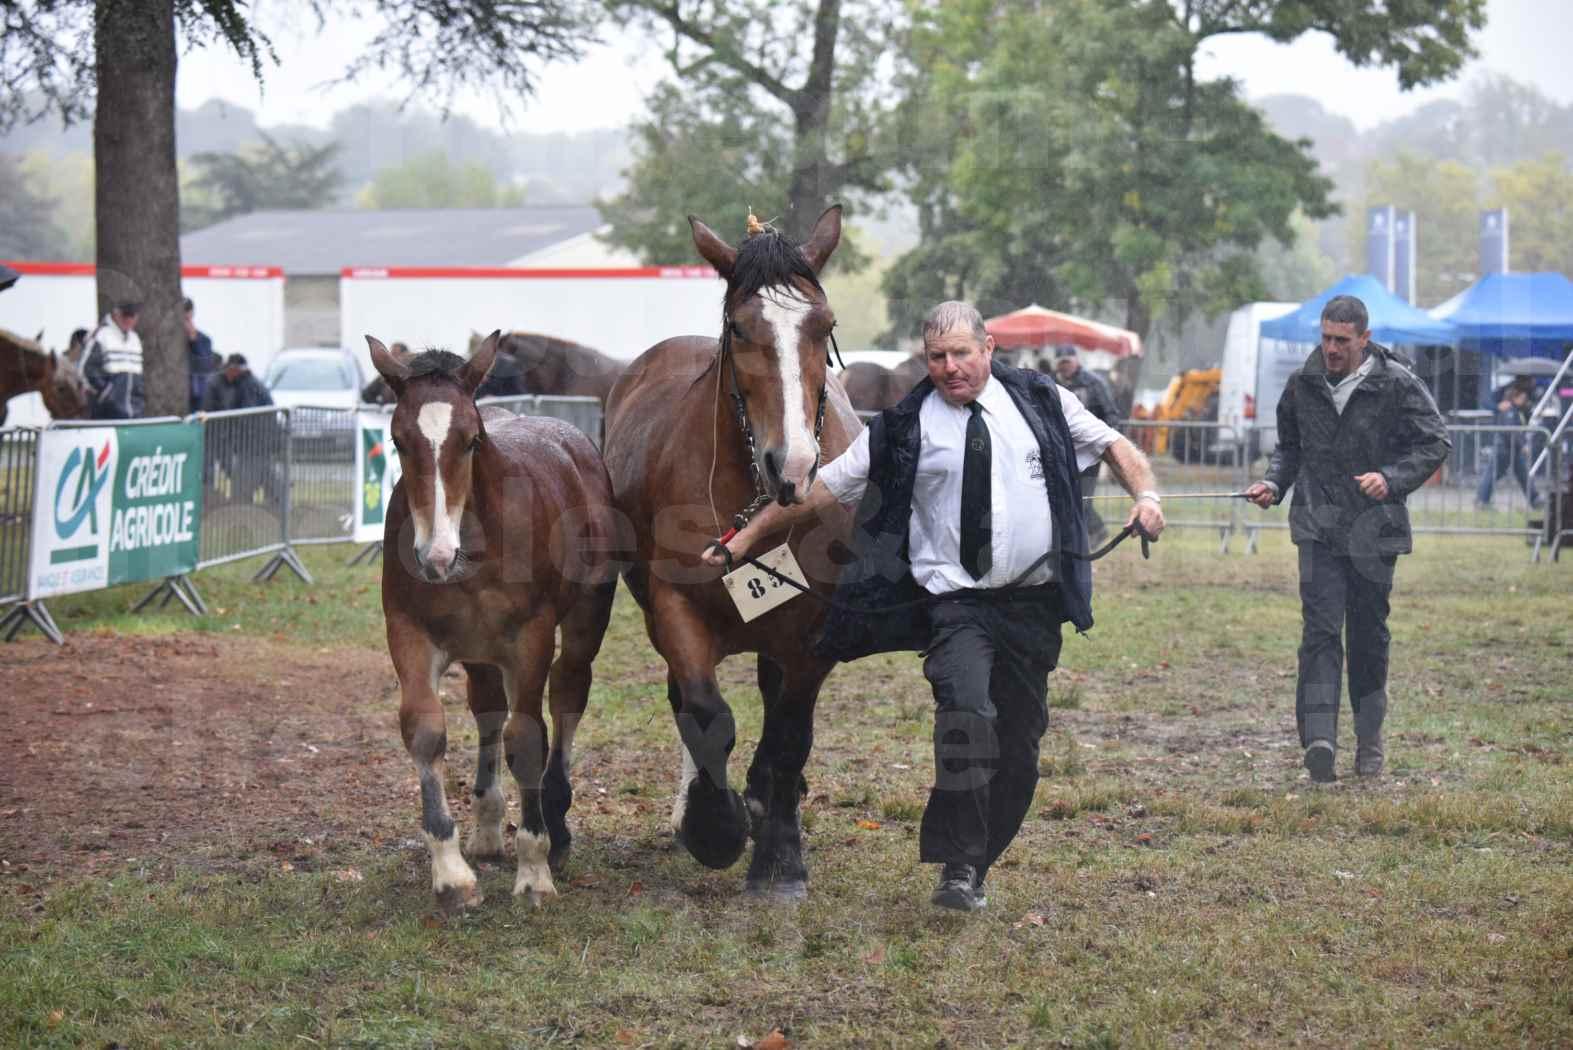 Concours Régional de chevaux de traits en 2017 - Jument Suitée - Trait BRETON - UNION 11 - 18